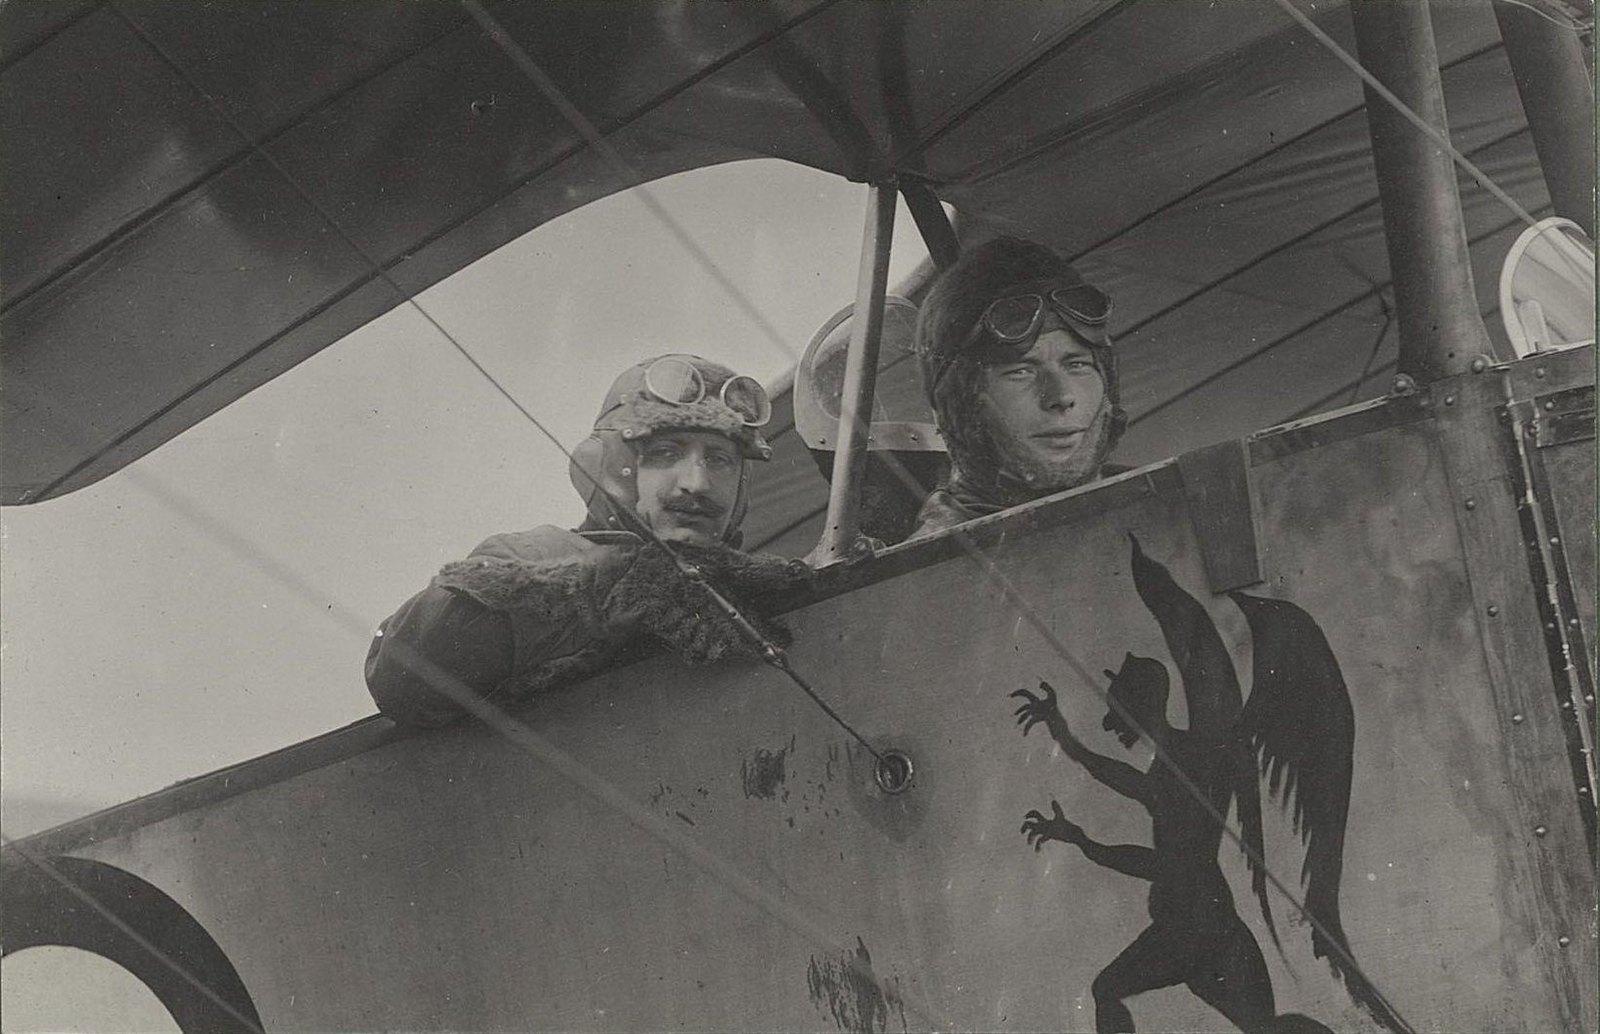 1915. Лётчик Фомин и наблюдатель Буцкевич в кабине самолёта